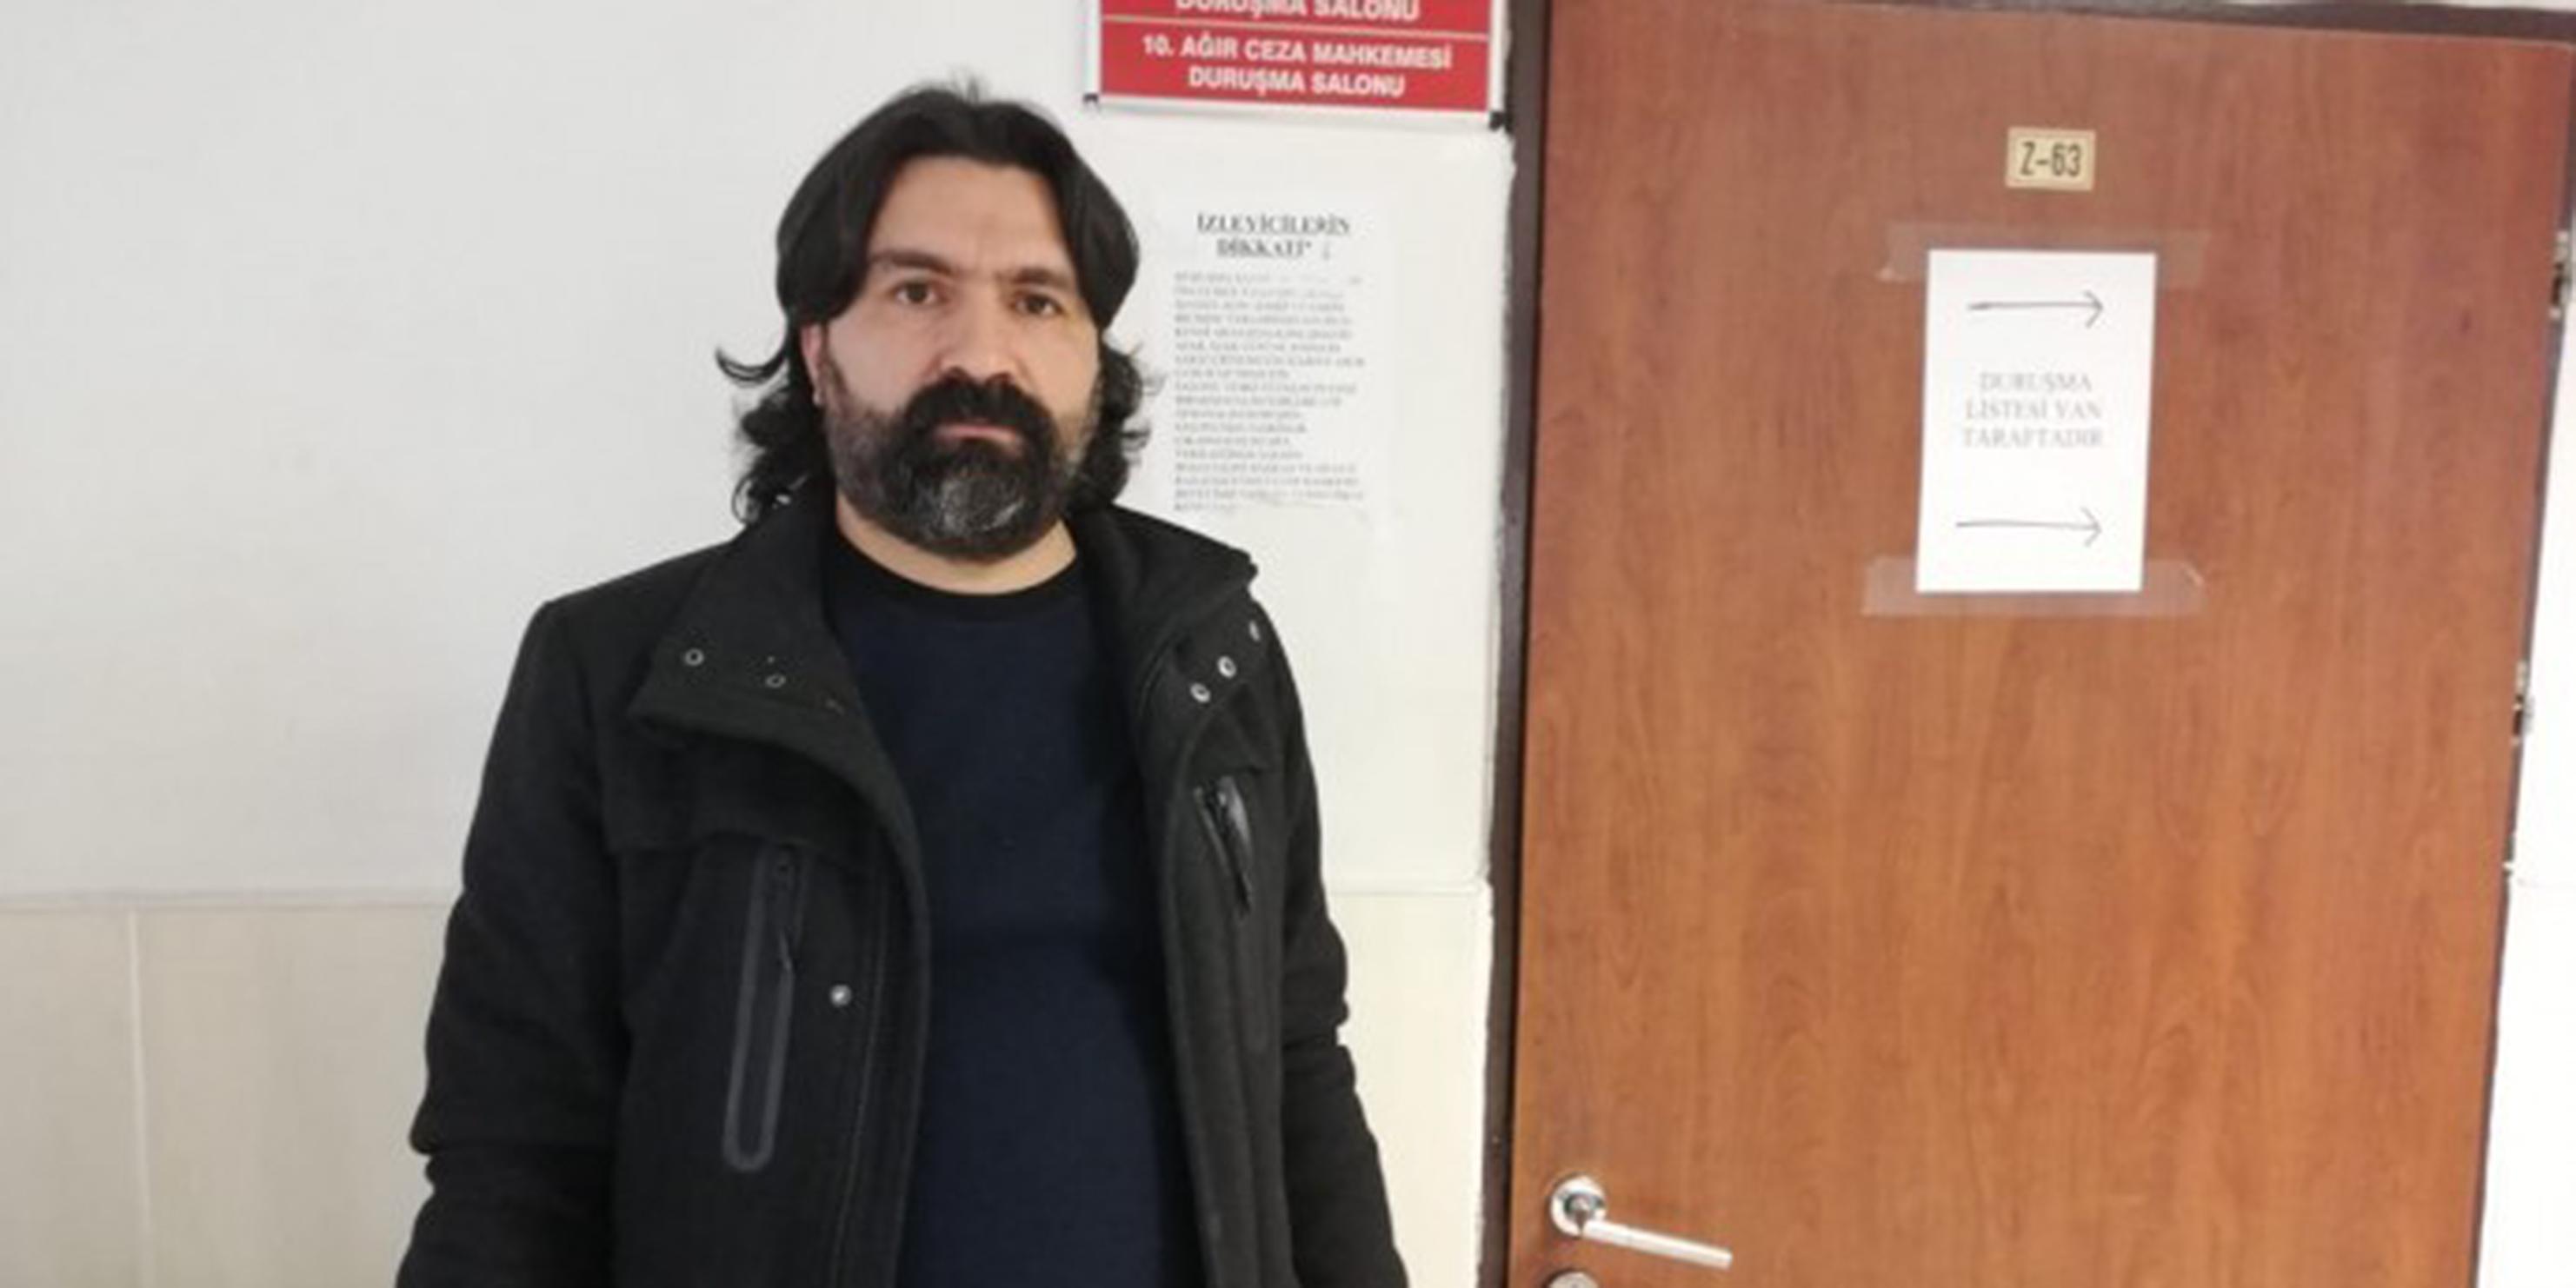 Gazeteci Erol beraat etti